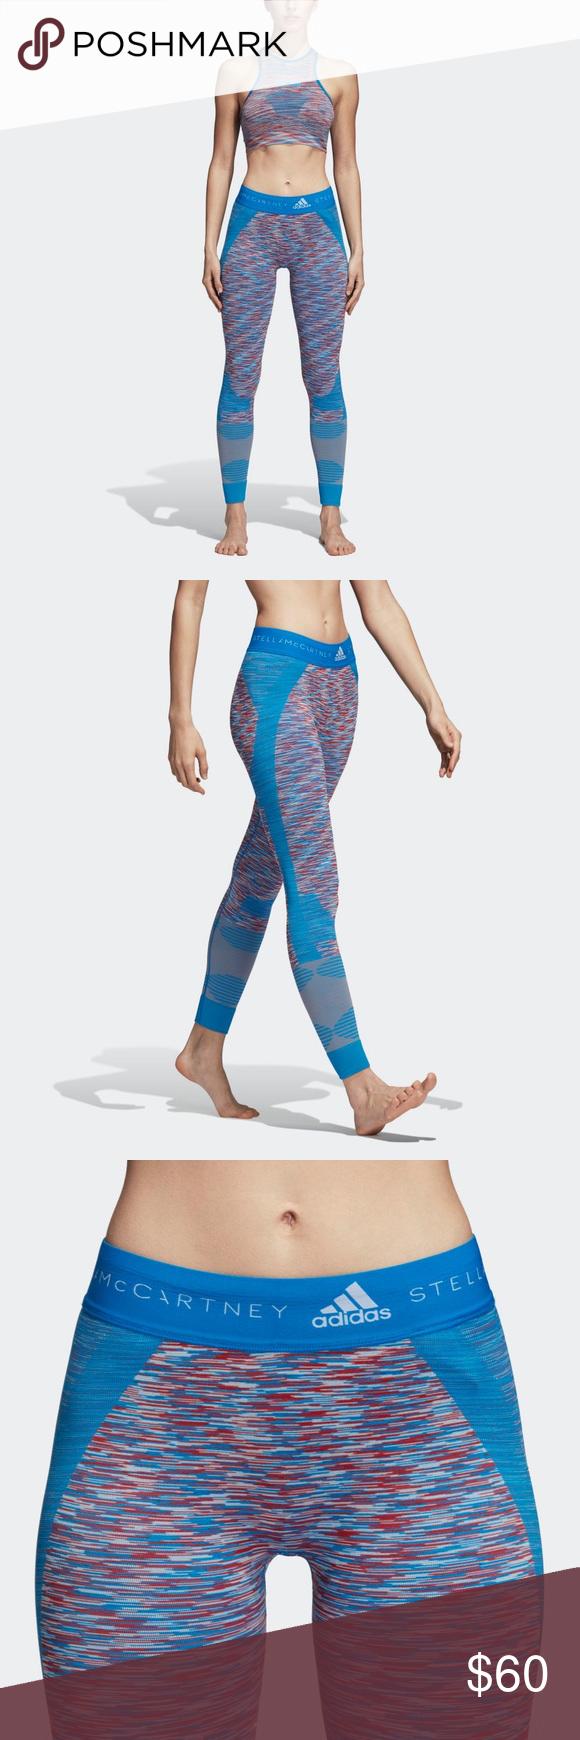 b5701ab2a9 Adidas Stella McCartney Tights Sz M NWT Adidas Women's Stella McCartney  Yoga Tights Seamless Space Dye